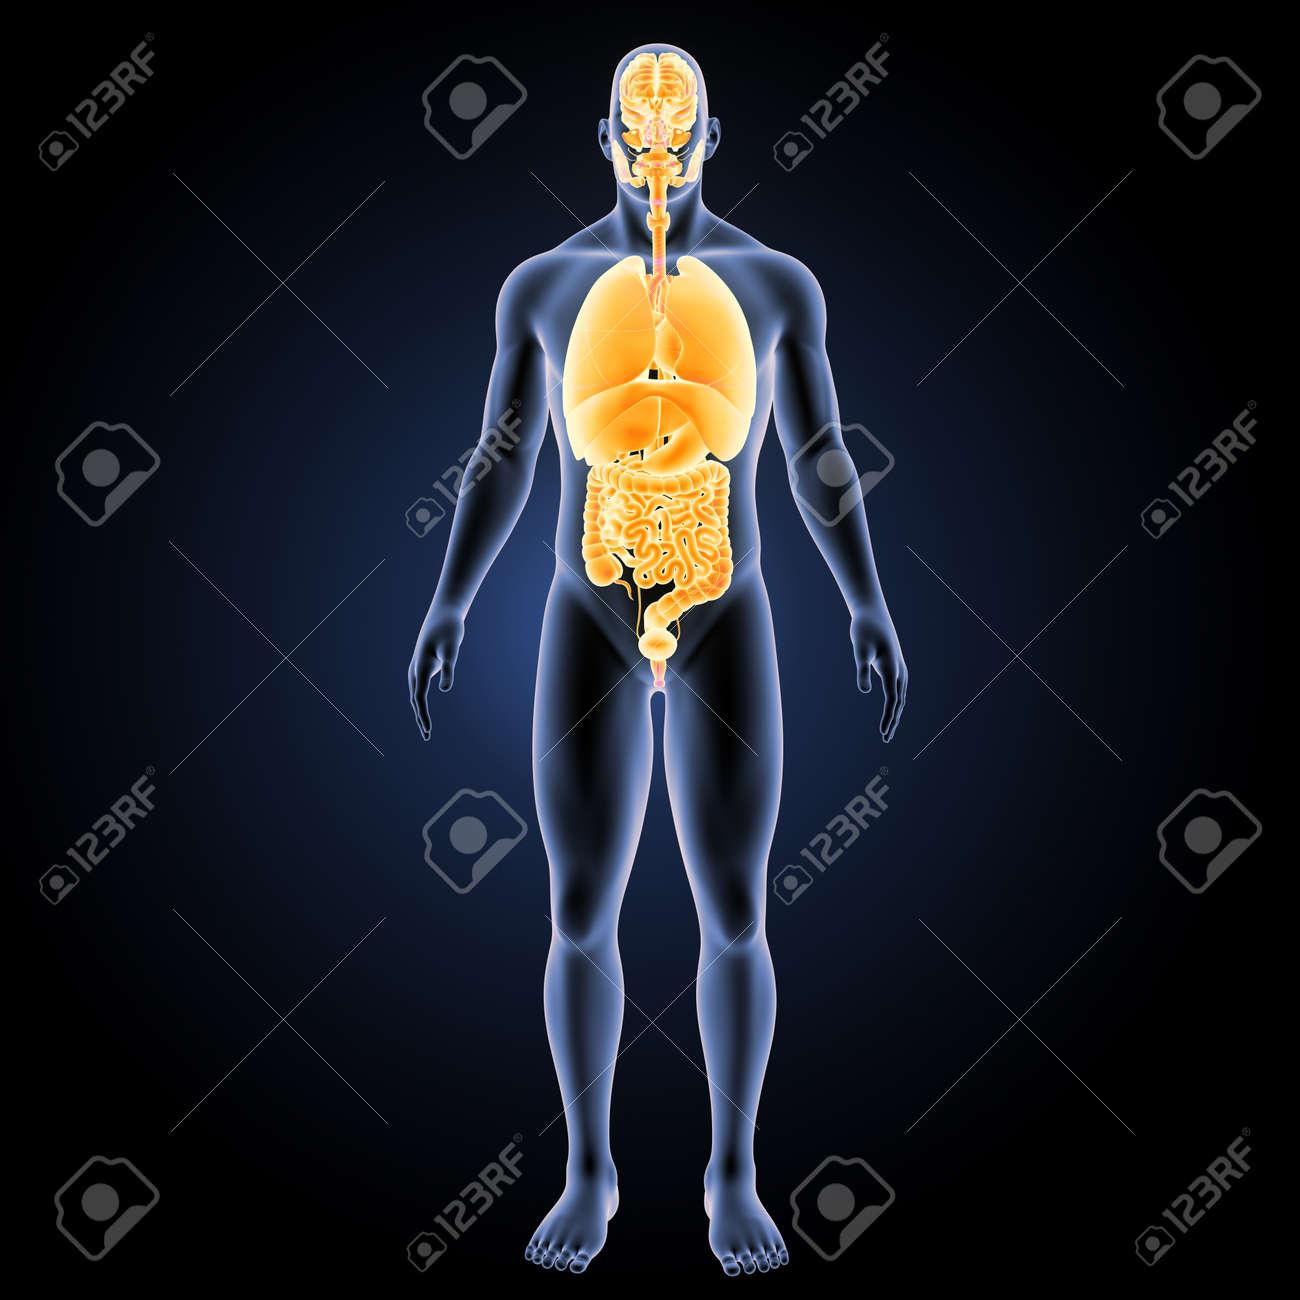 Menschliche Organe Mit Körper Vorderansicht Lizenzfreie Fotos ...